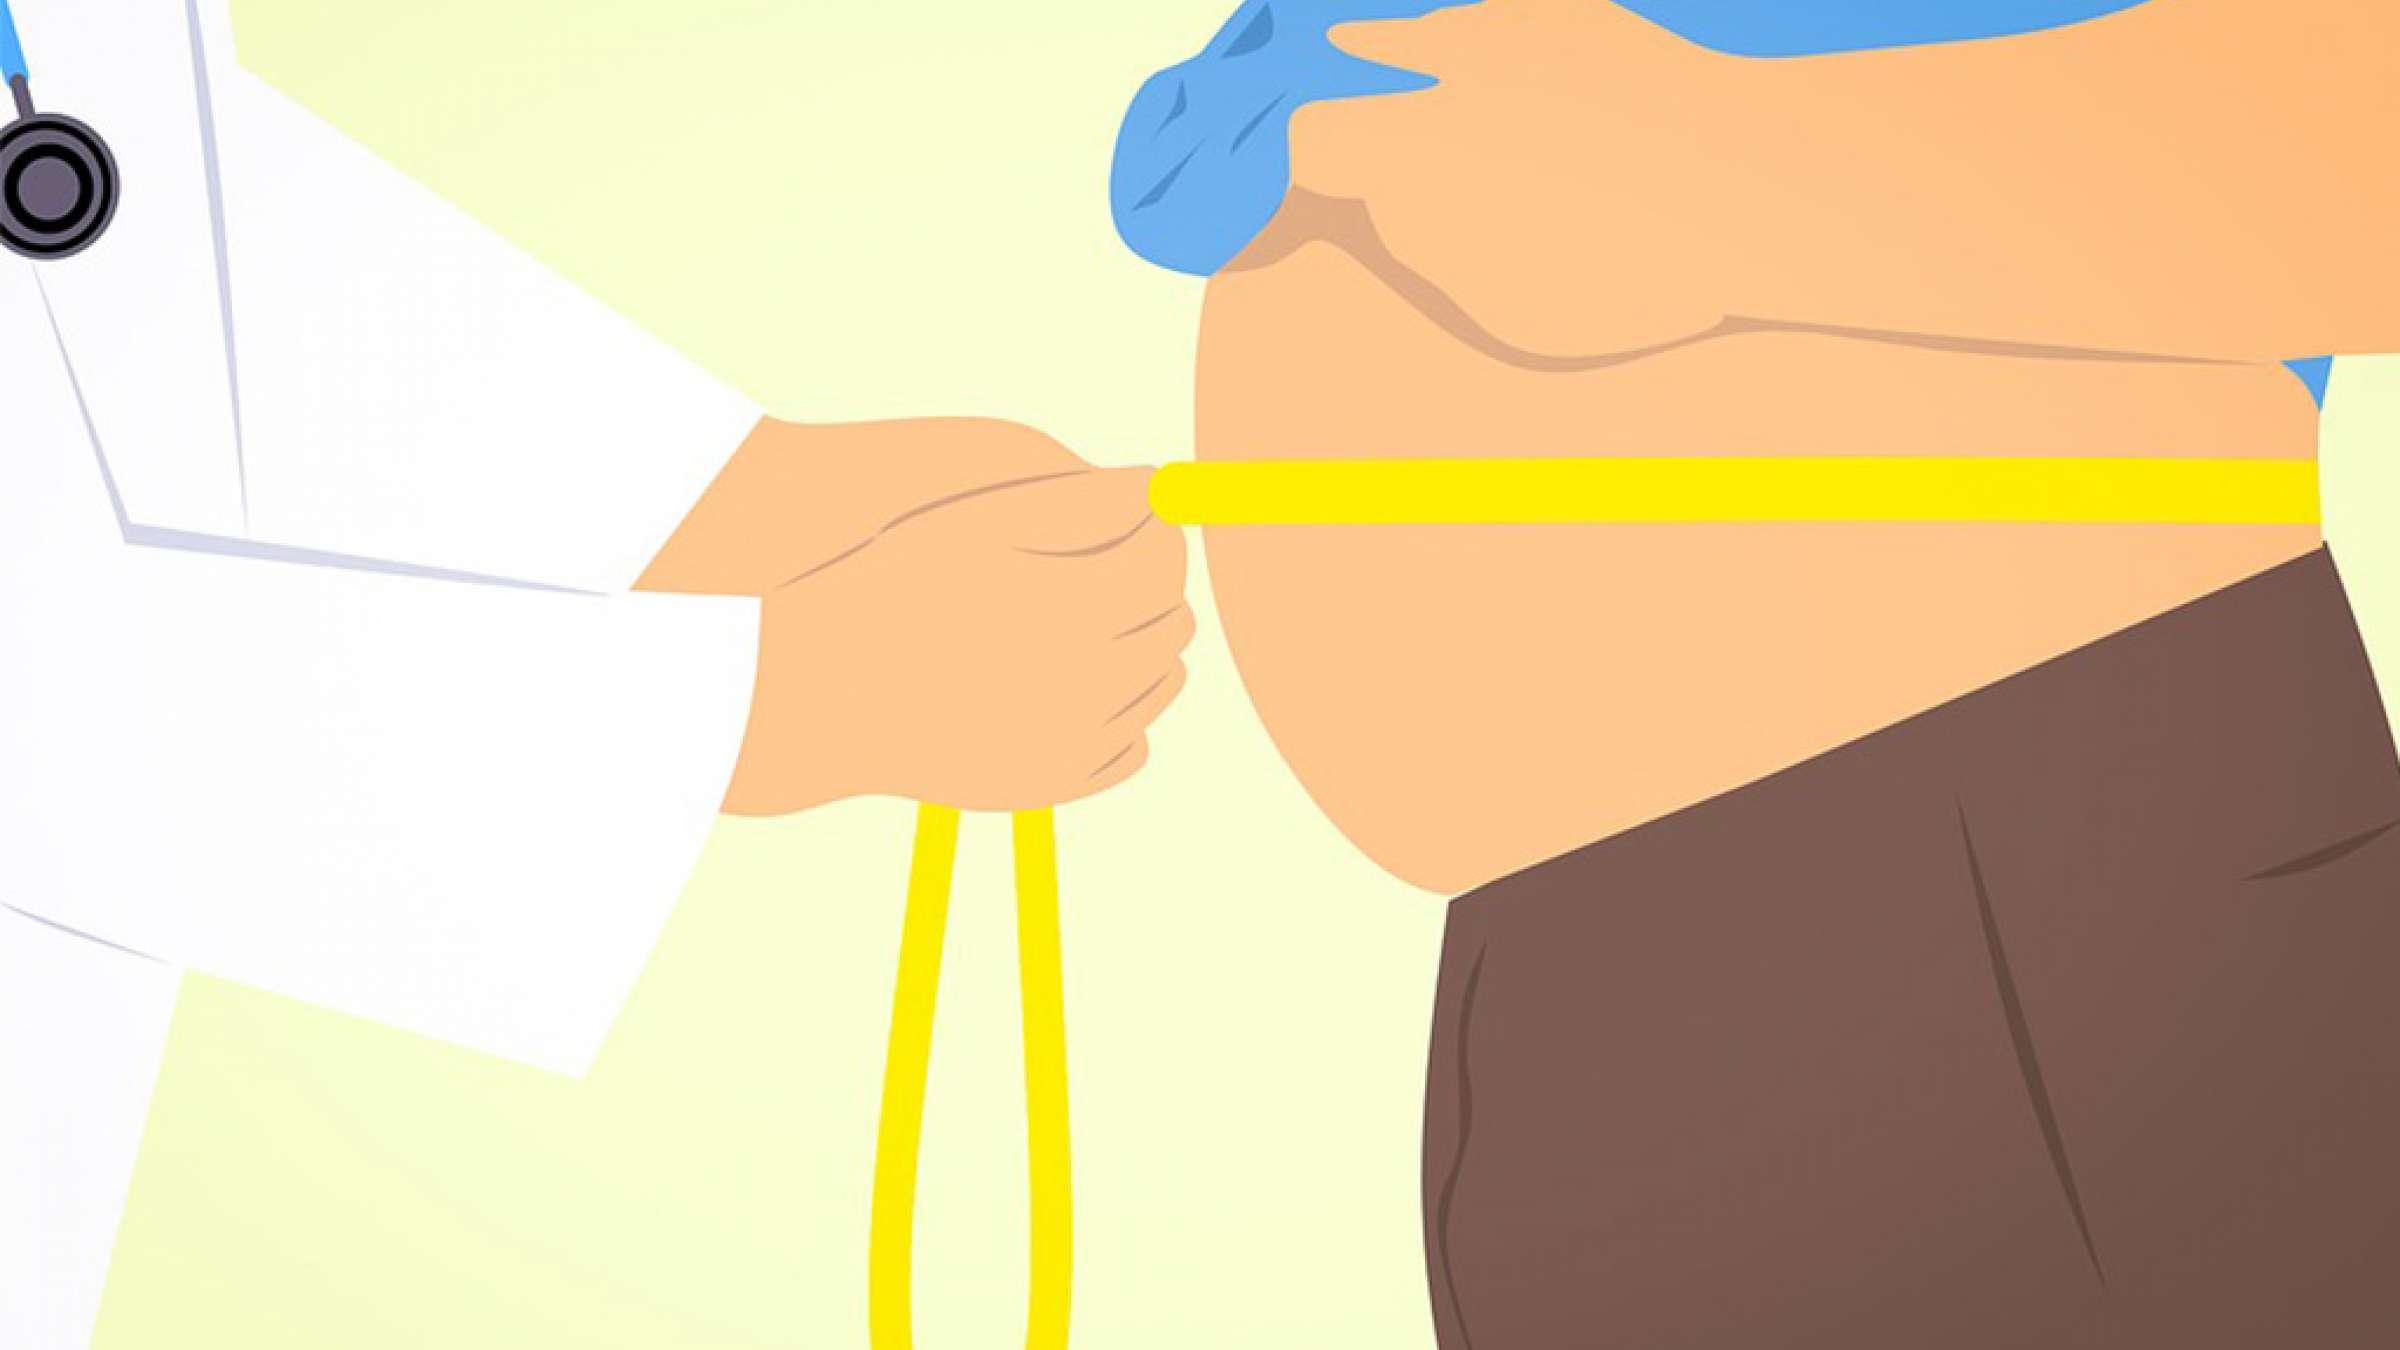 بیمه-رحیمیان-دور-شکم-و-بیماریهای-سخت-و-بیمه-مناسب-آن